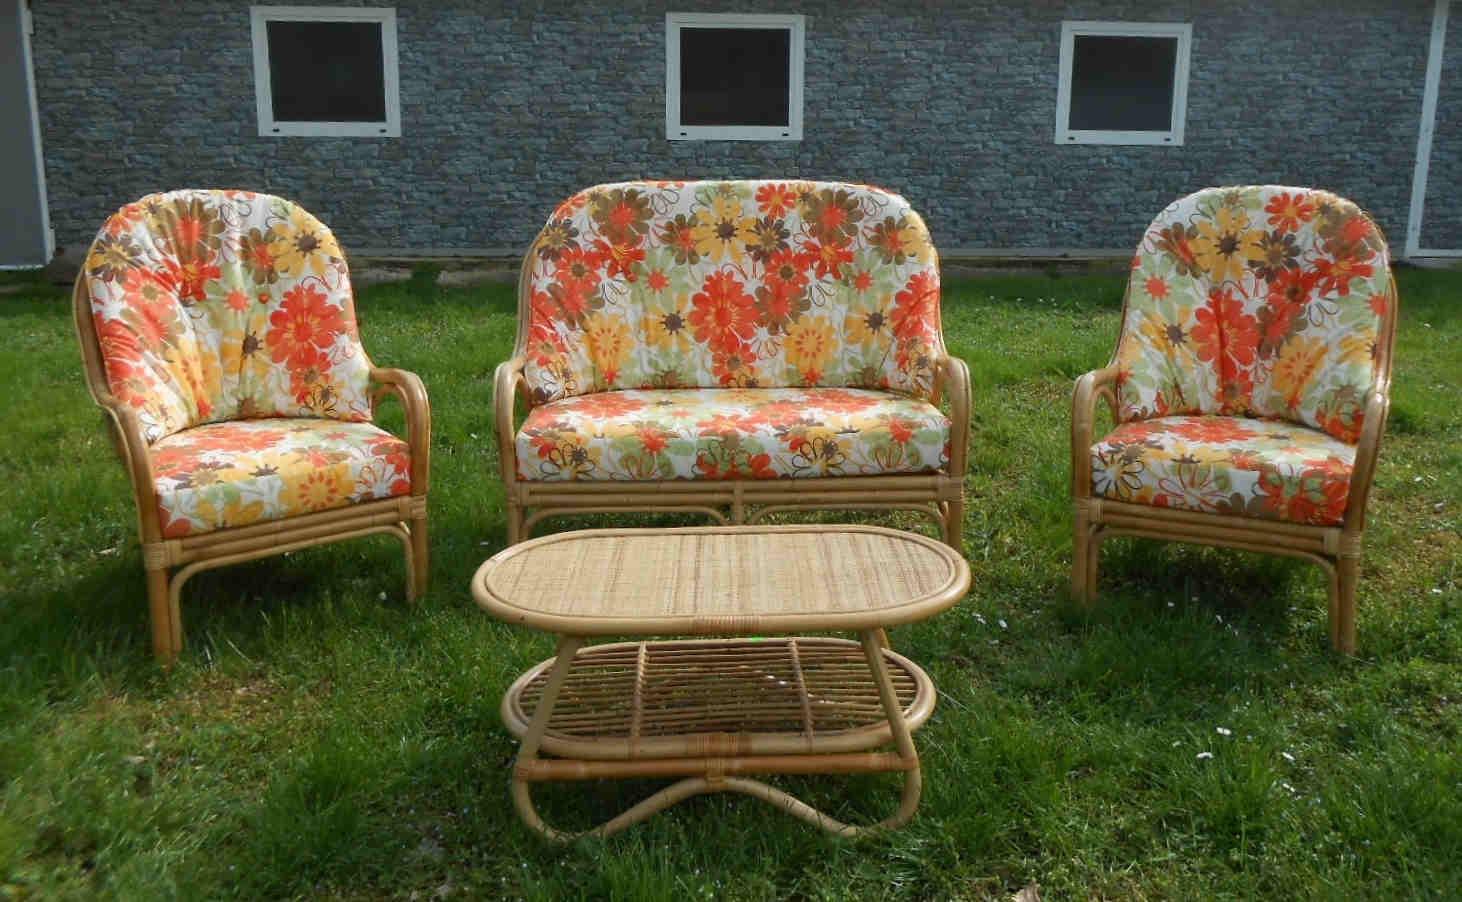 Arredamento per esterno mobili da giardino salotti per esterno arredo giardino mobili in - Divani per esterno ikea ...